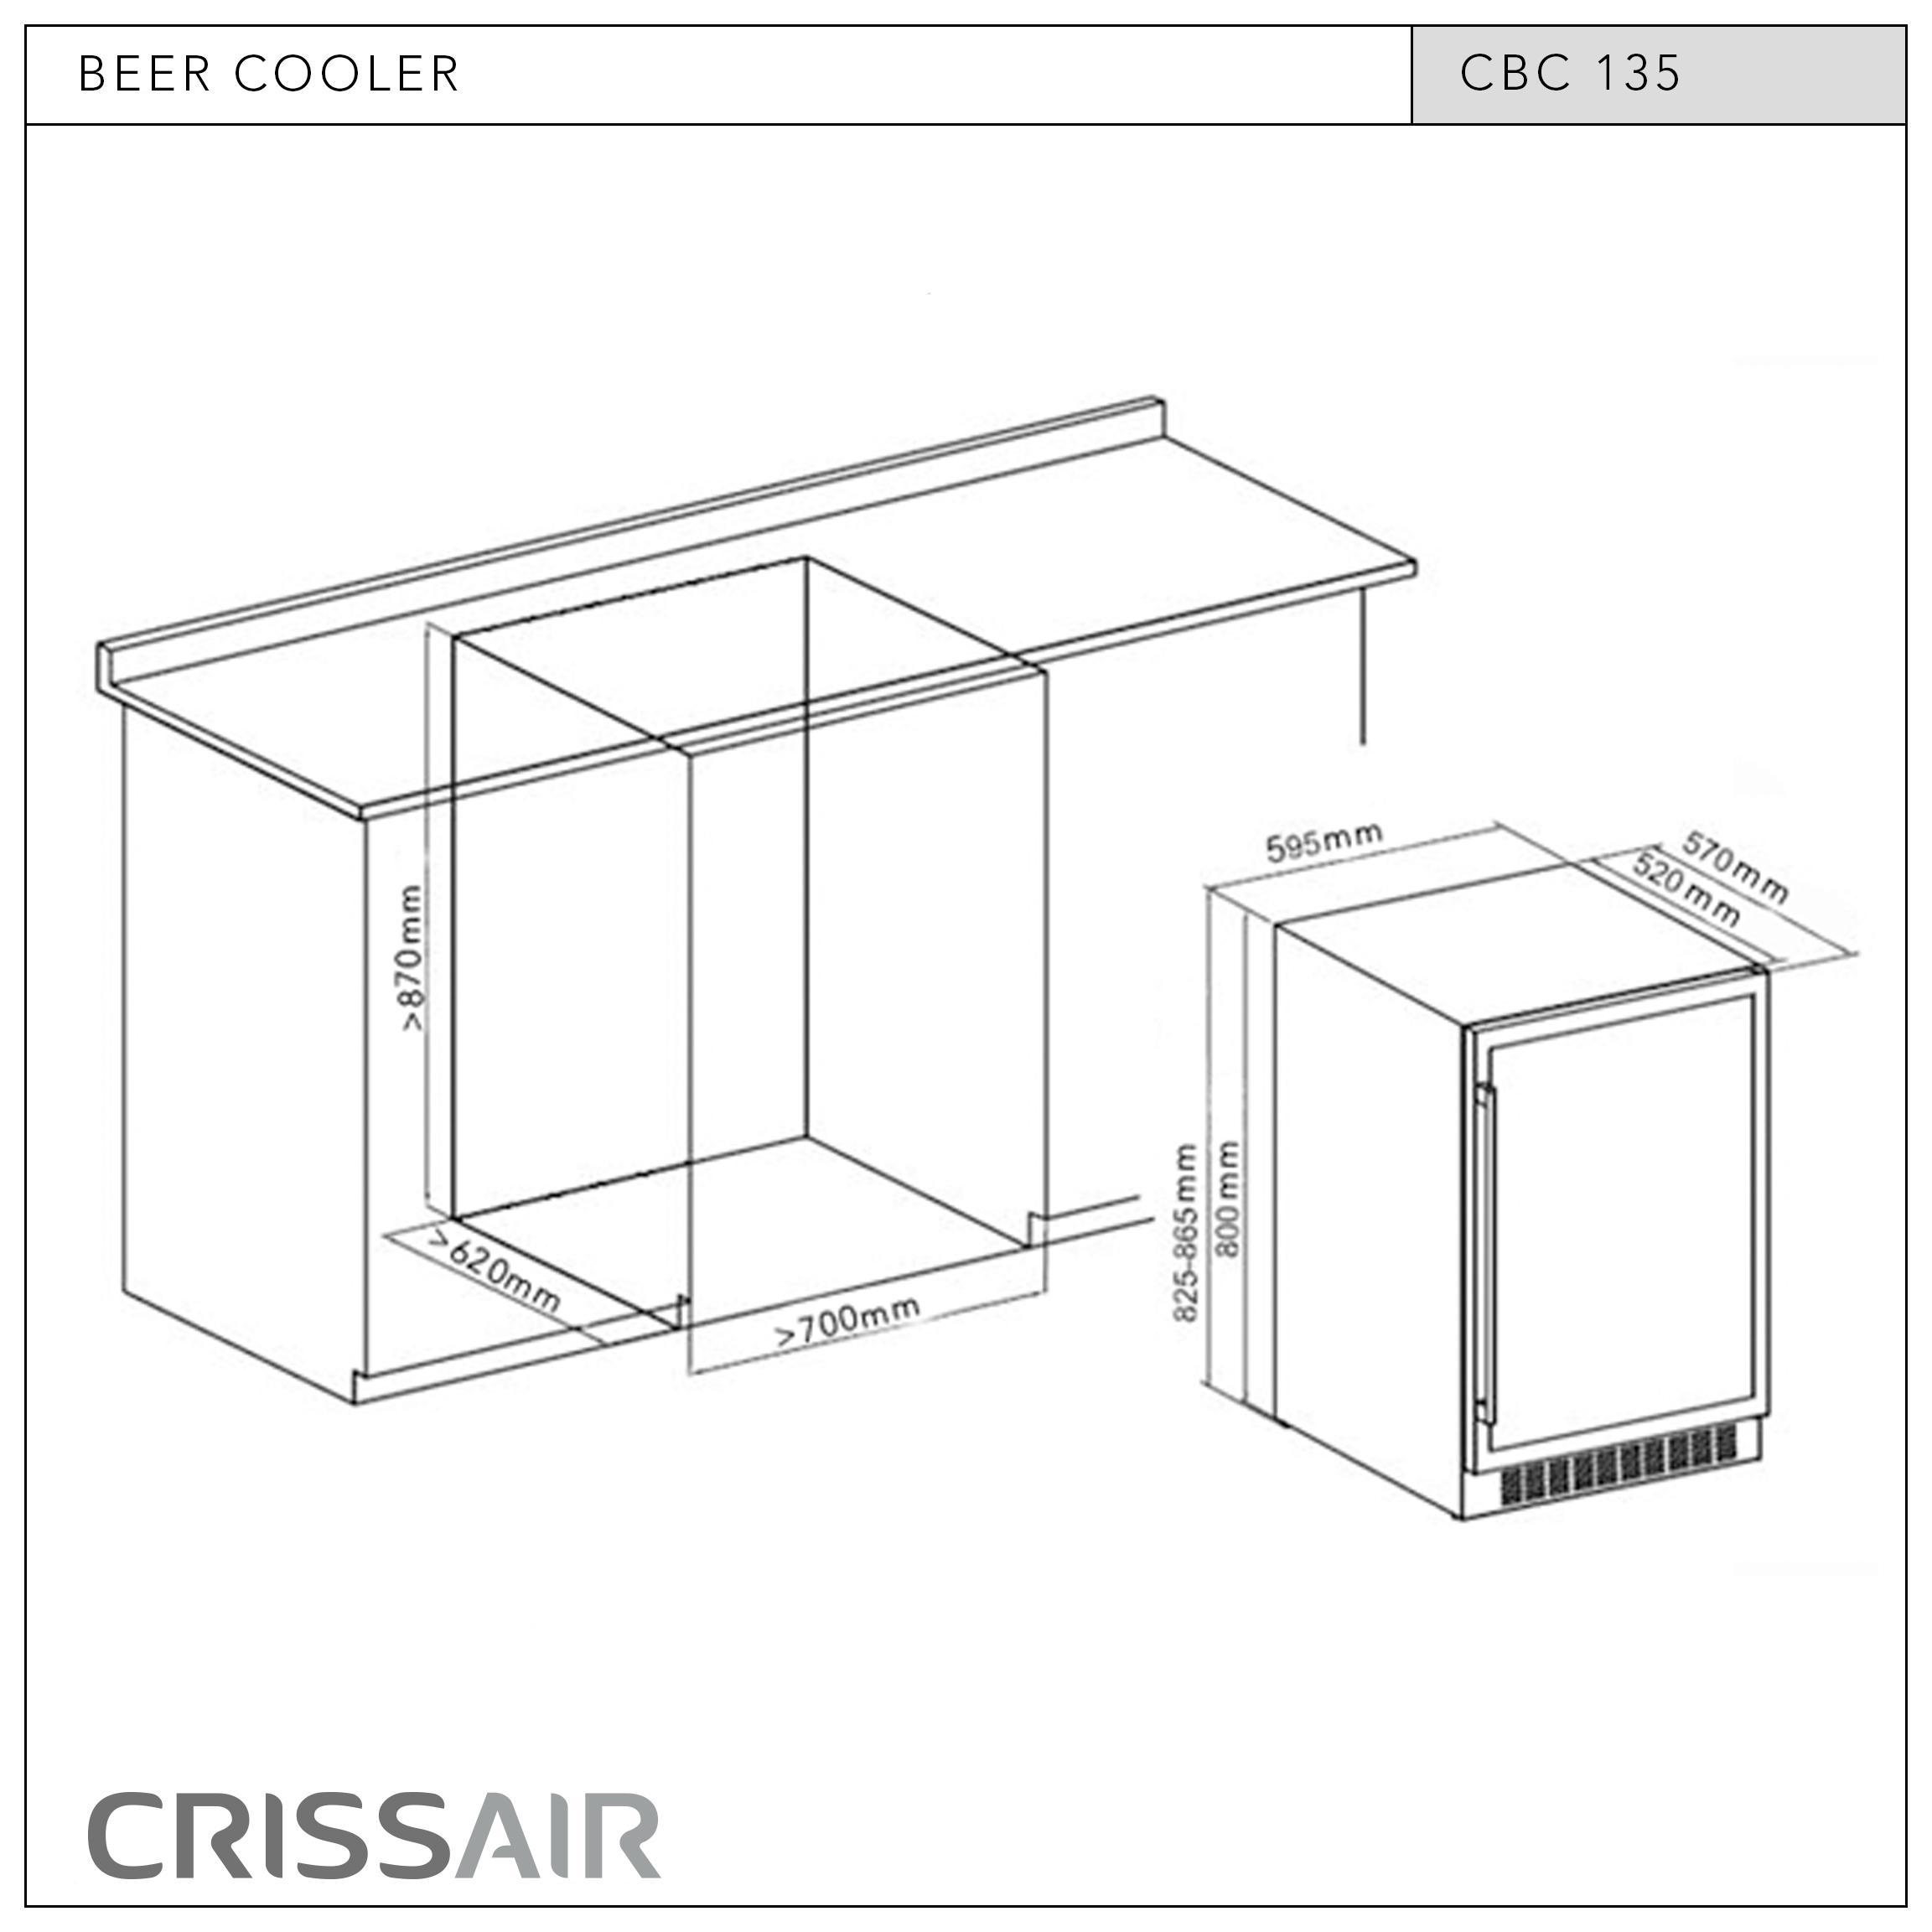 Cervejeira CBC 135